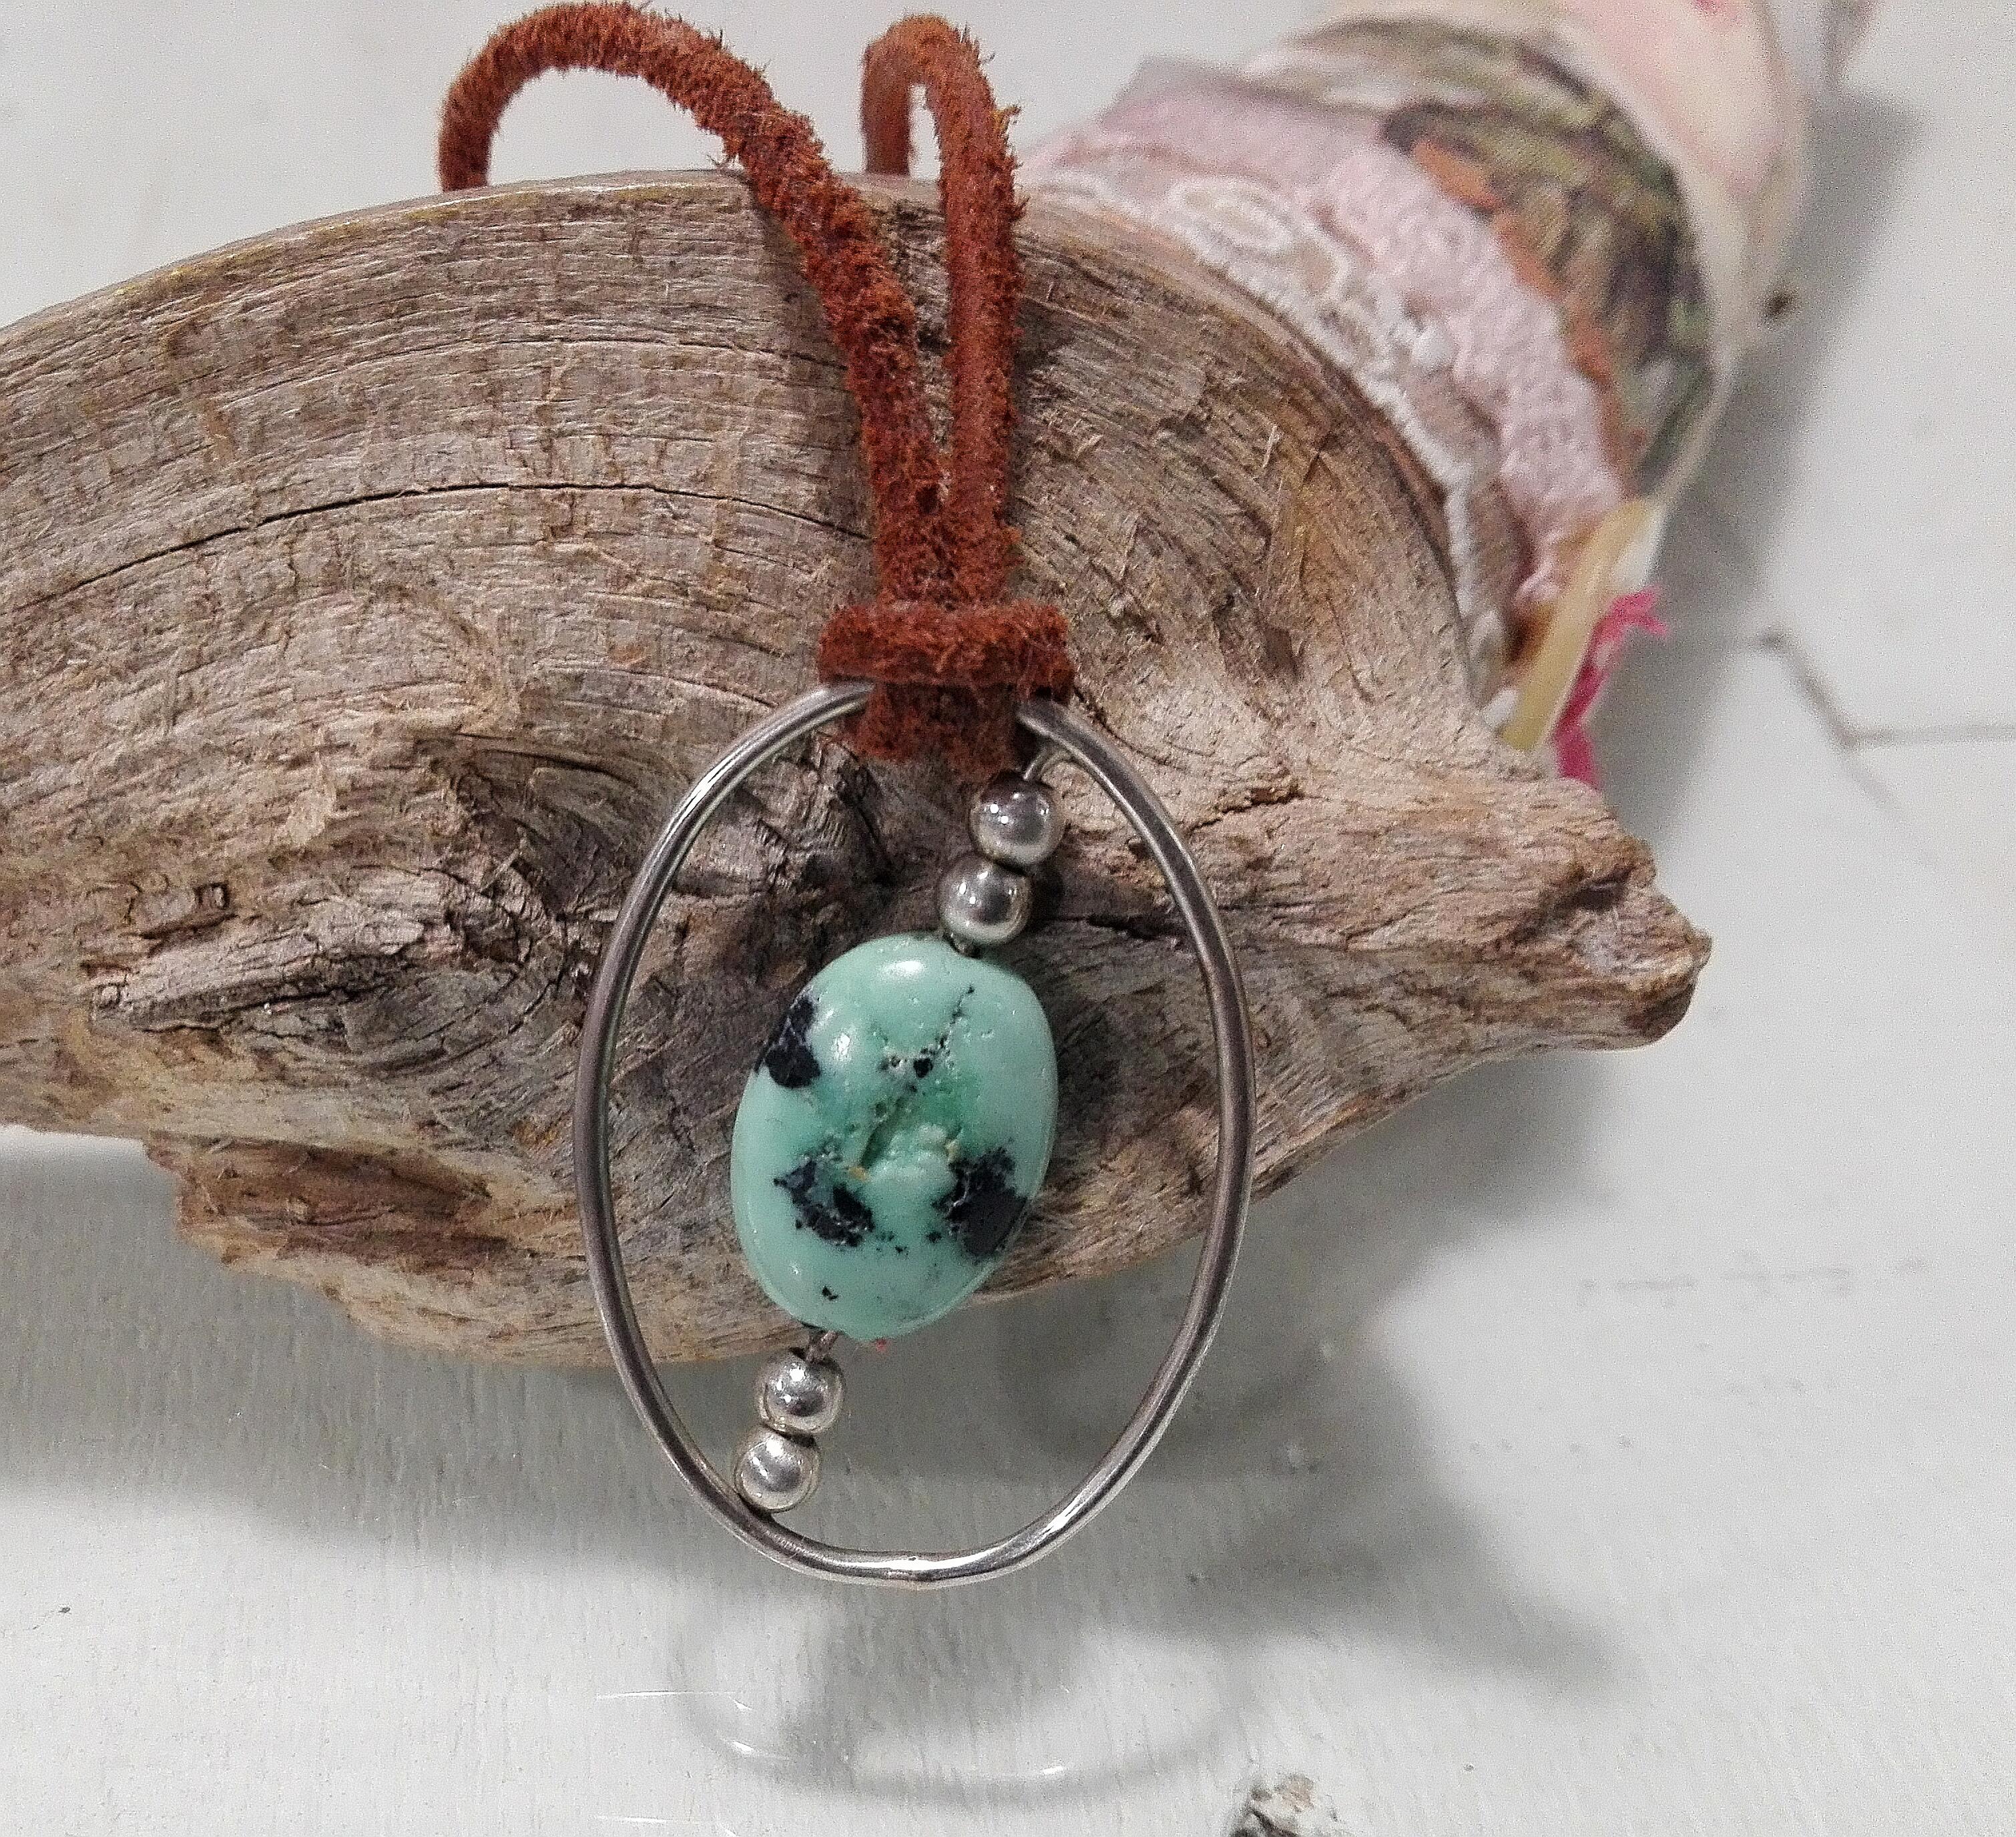 el-trebol-de-4-joyas-de-autor-colgante-plata-turquesa